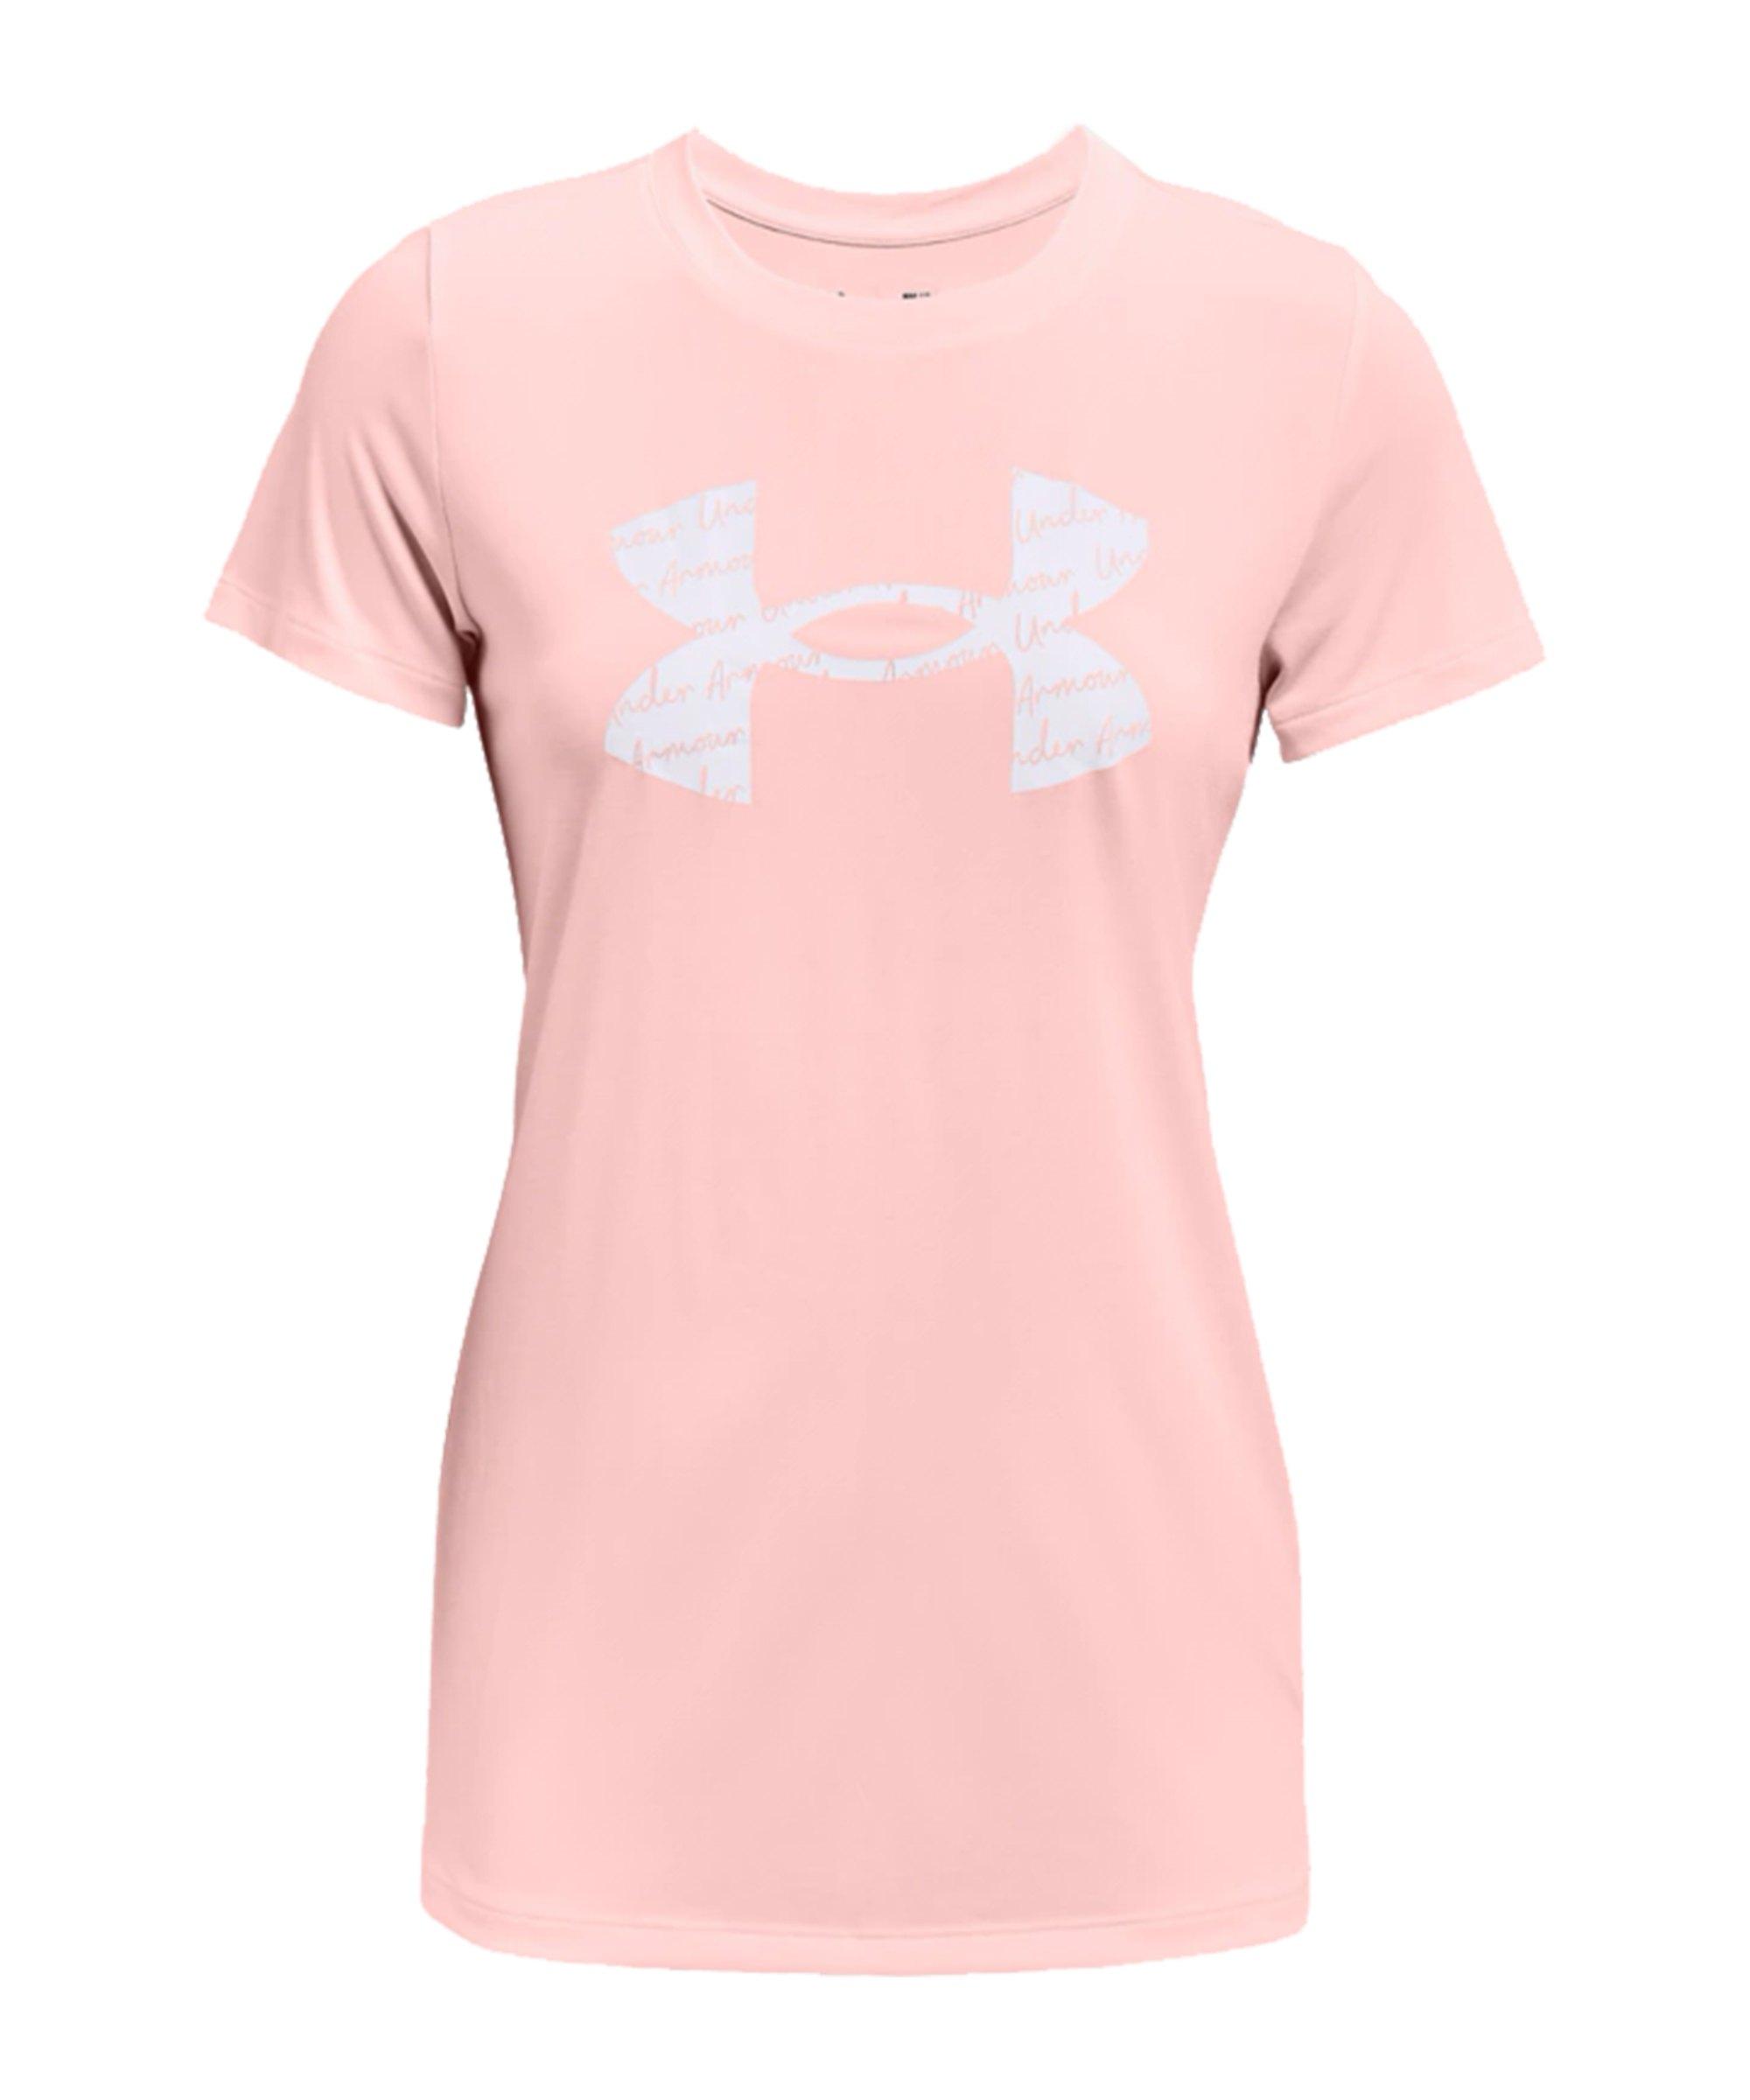 Under Armour Tech Twist T-Shirt Damen Pink F658 - pink